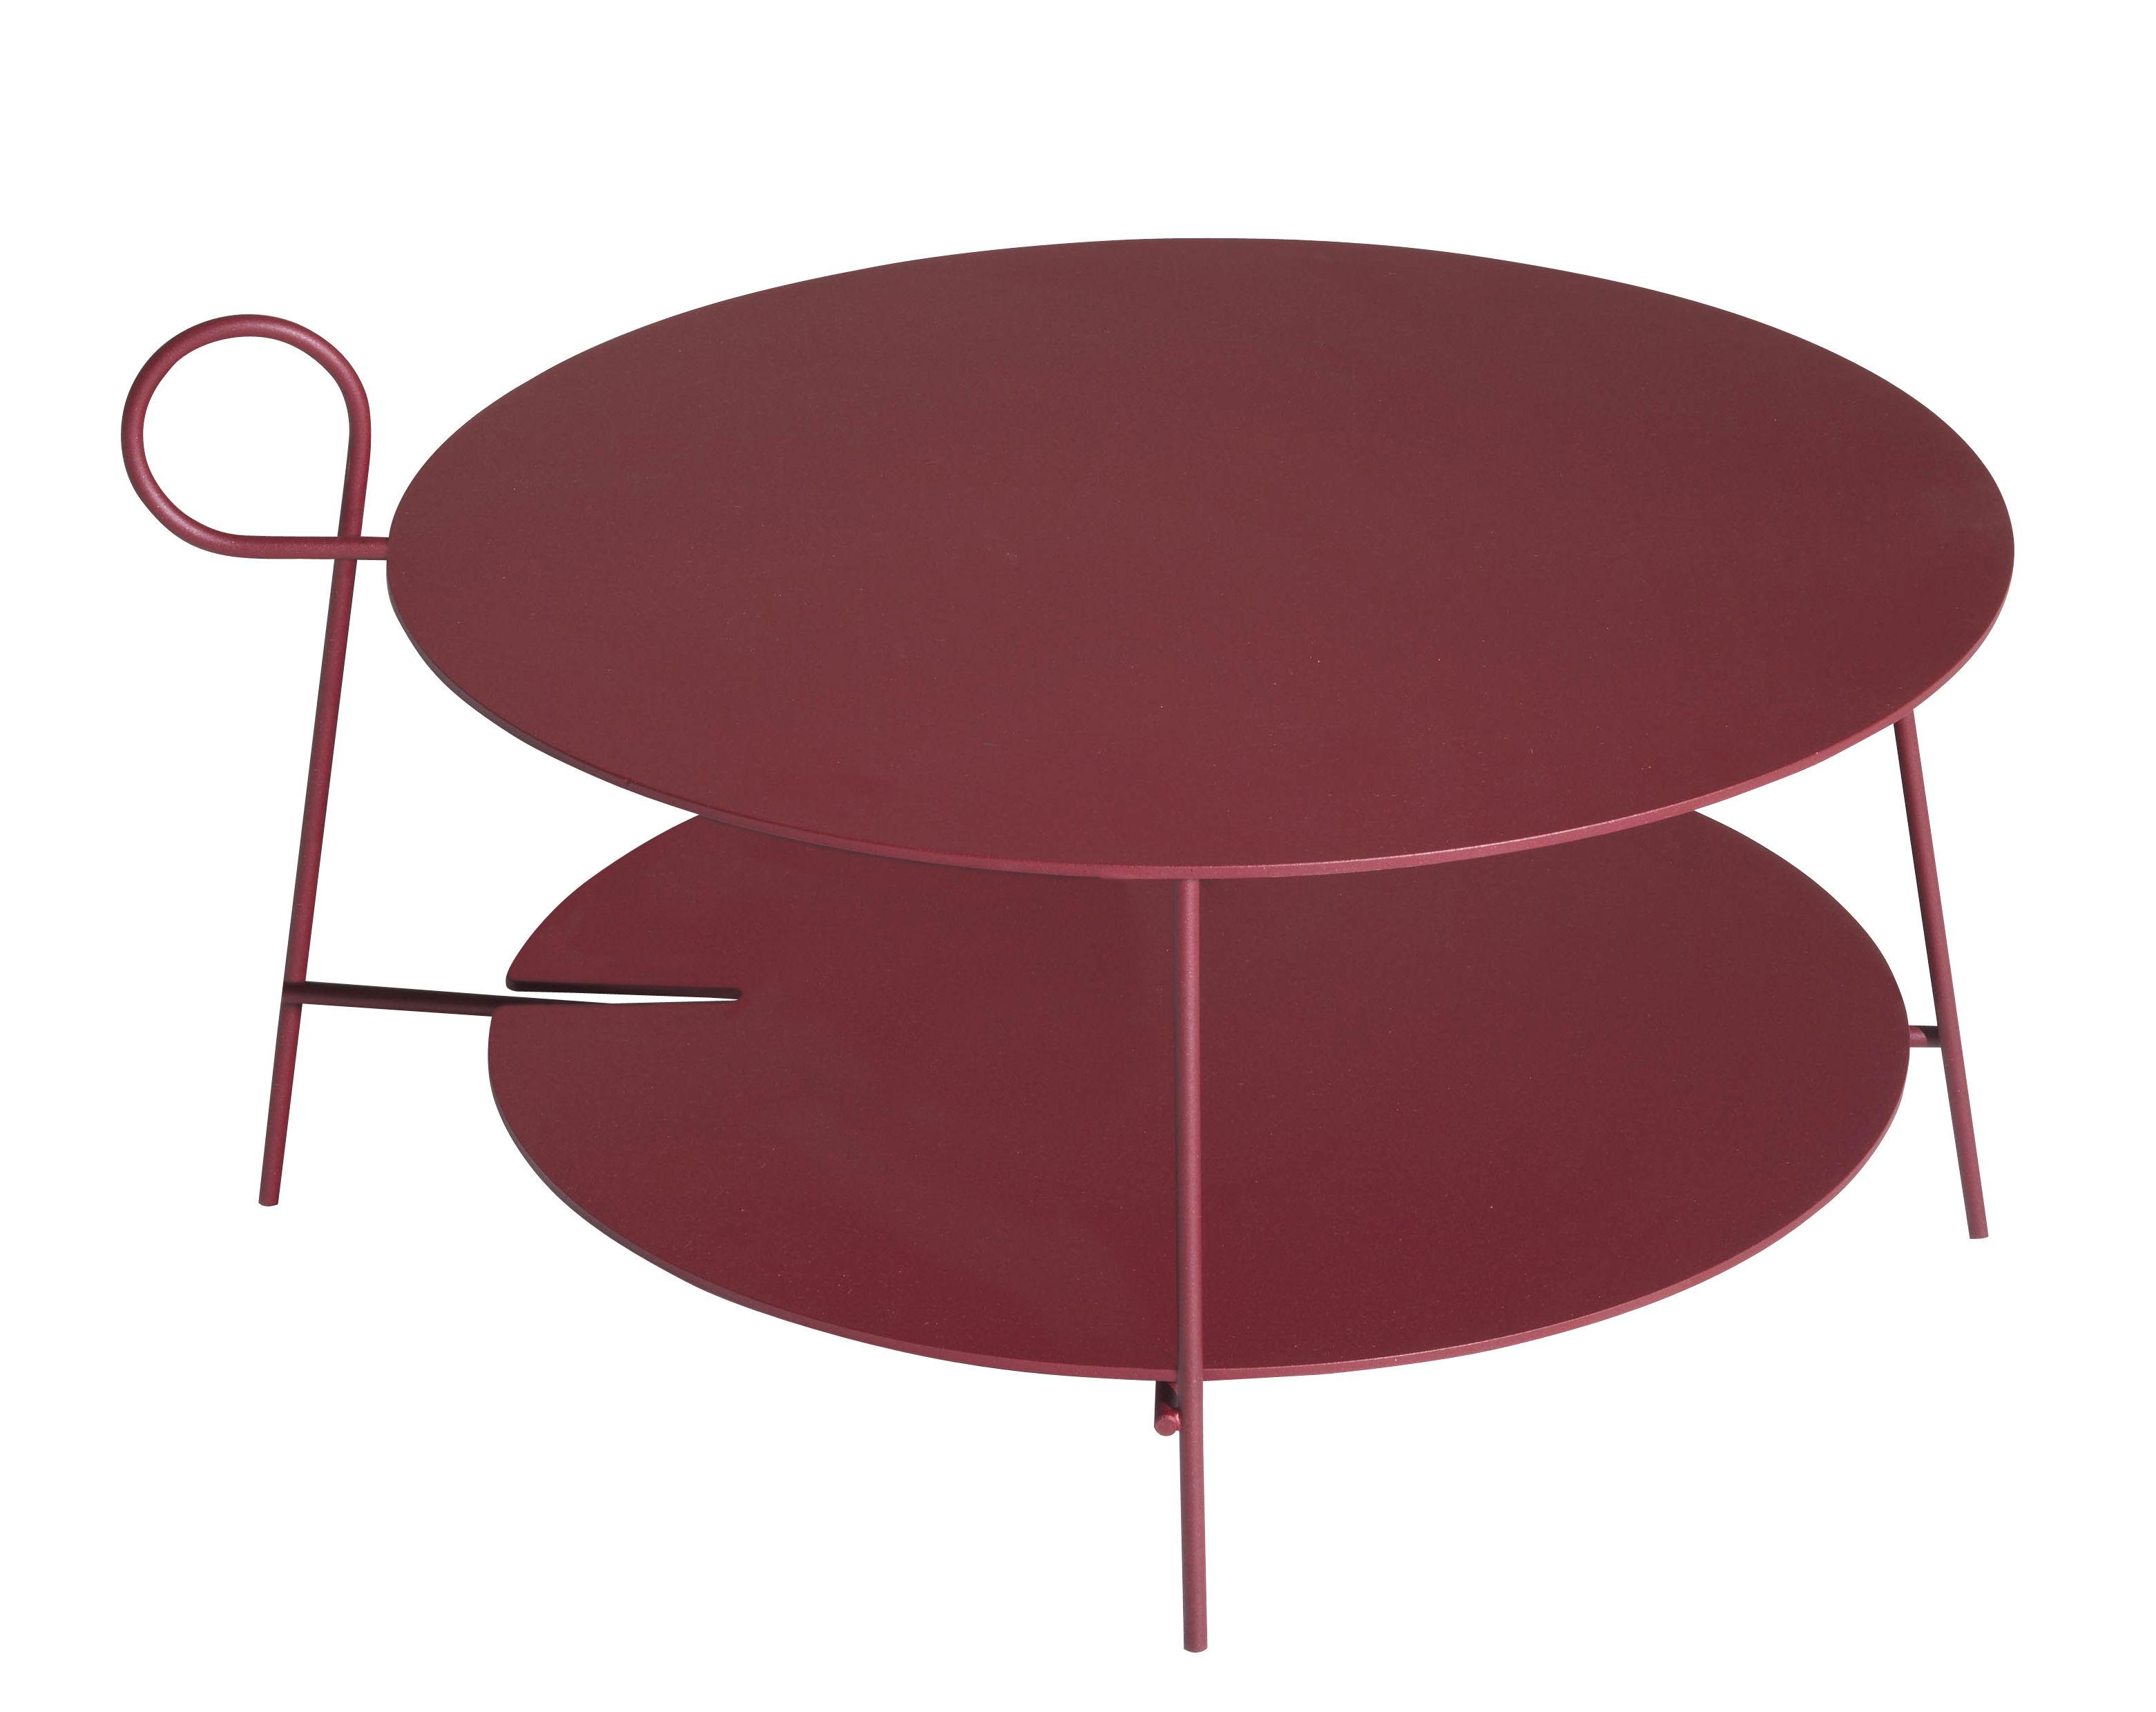 Mobilier - Tables basses - Table basse Carmina / Ø 70 x H 43 cm - Driade - Bordeaux - Acier, Aluminium époxy